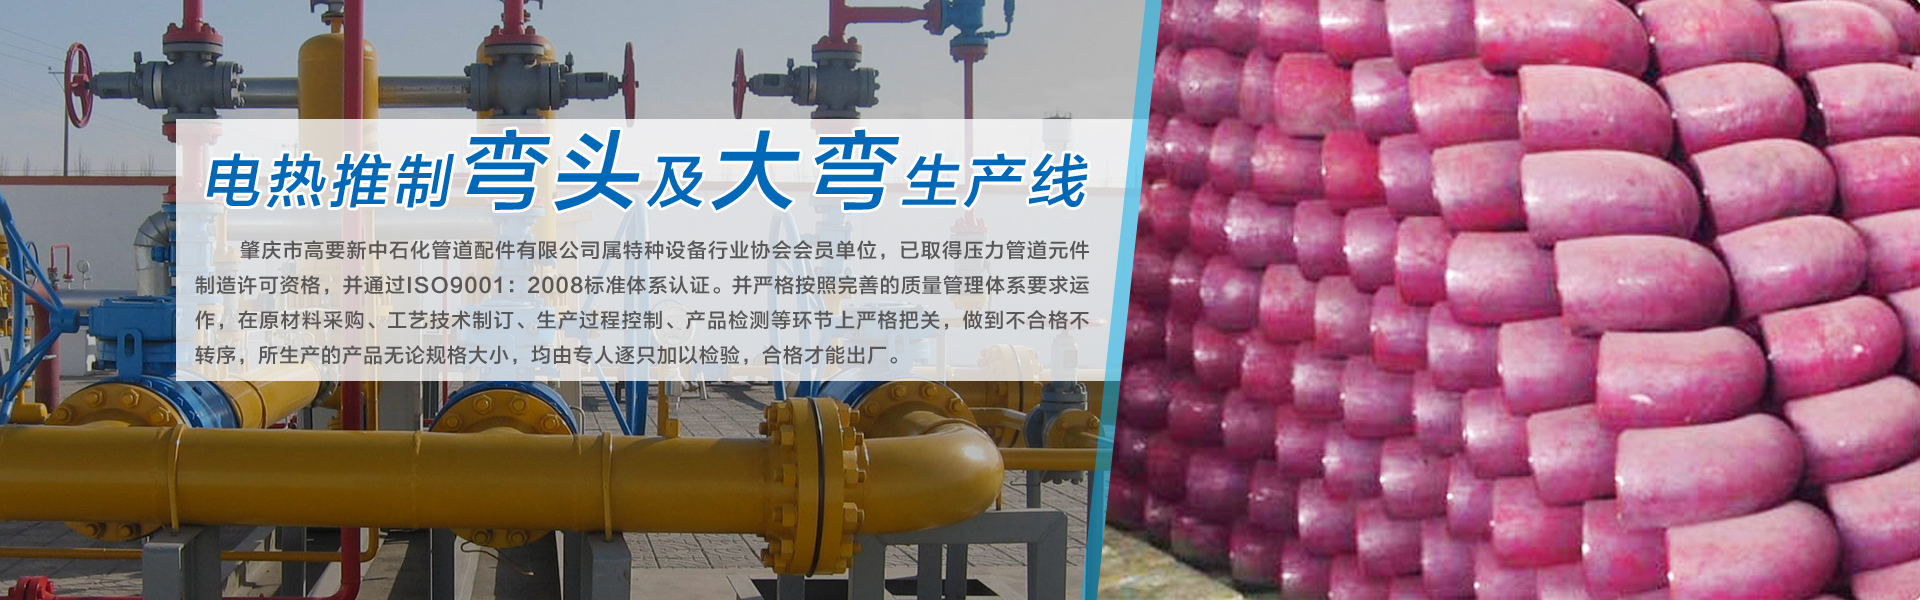 肇庆市高要新中石化管道配件有限公司制造的碳钢、不锈钢、合金类弯头、异径管、三通、大弯、管帽、法兰等产品。